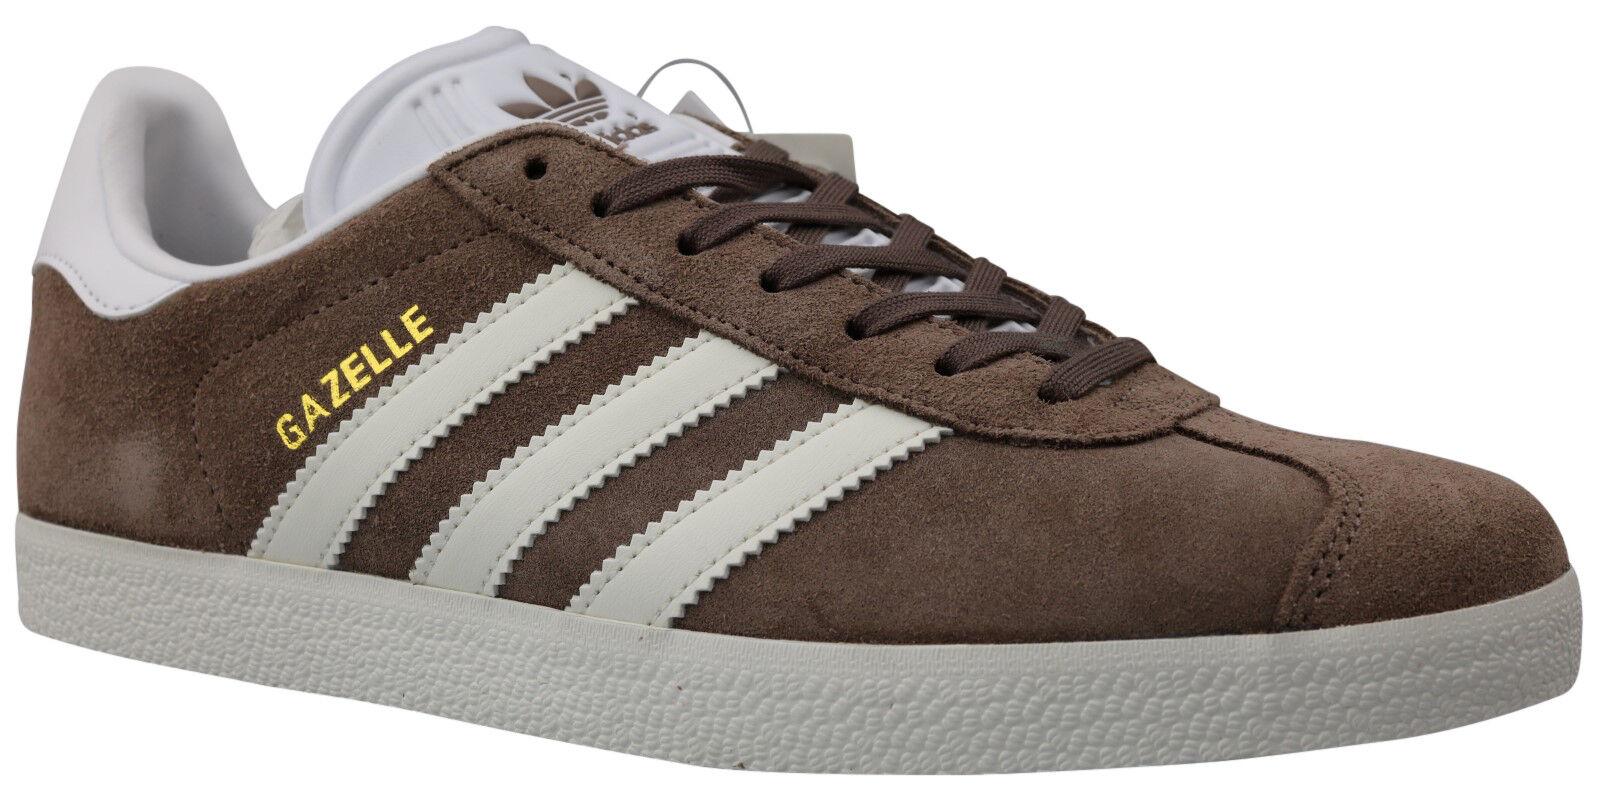 Adidas Originals Gazelle Sneaker Schuhe BY8957 braun Gr. 36,5 - 44,5 NEU & OVP